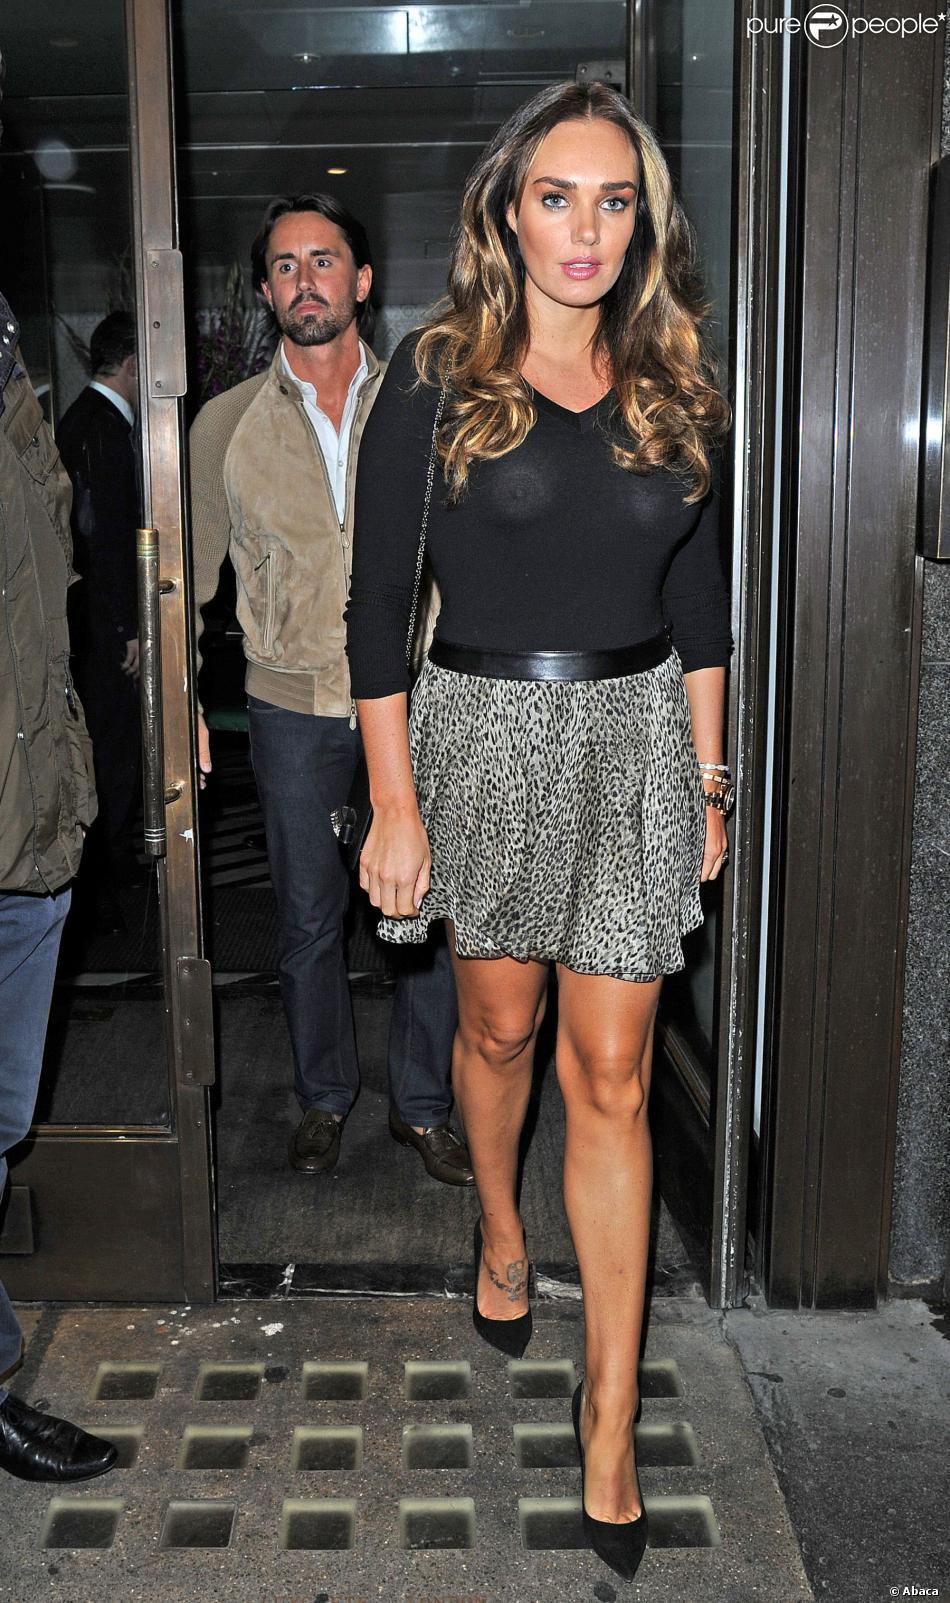 Tamara Ecclestone et son mari Jay Rutland lors d'un dîner au restaurant avec son père Bernie Ecclestone et la femme de celui-ci, Fabiana Flossi, à Londres, le 9 septembre 2013